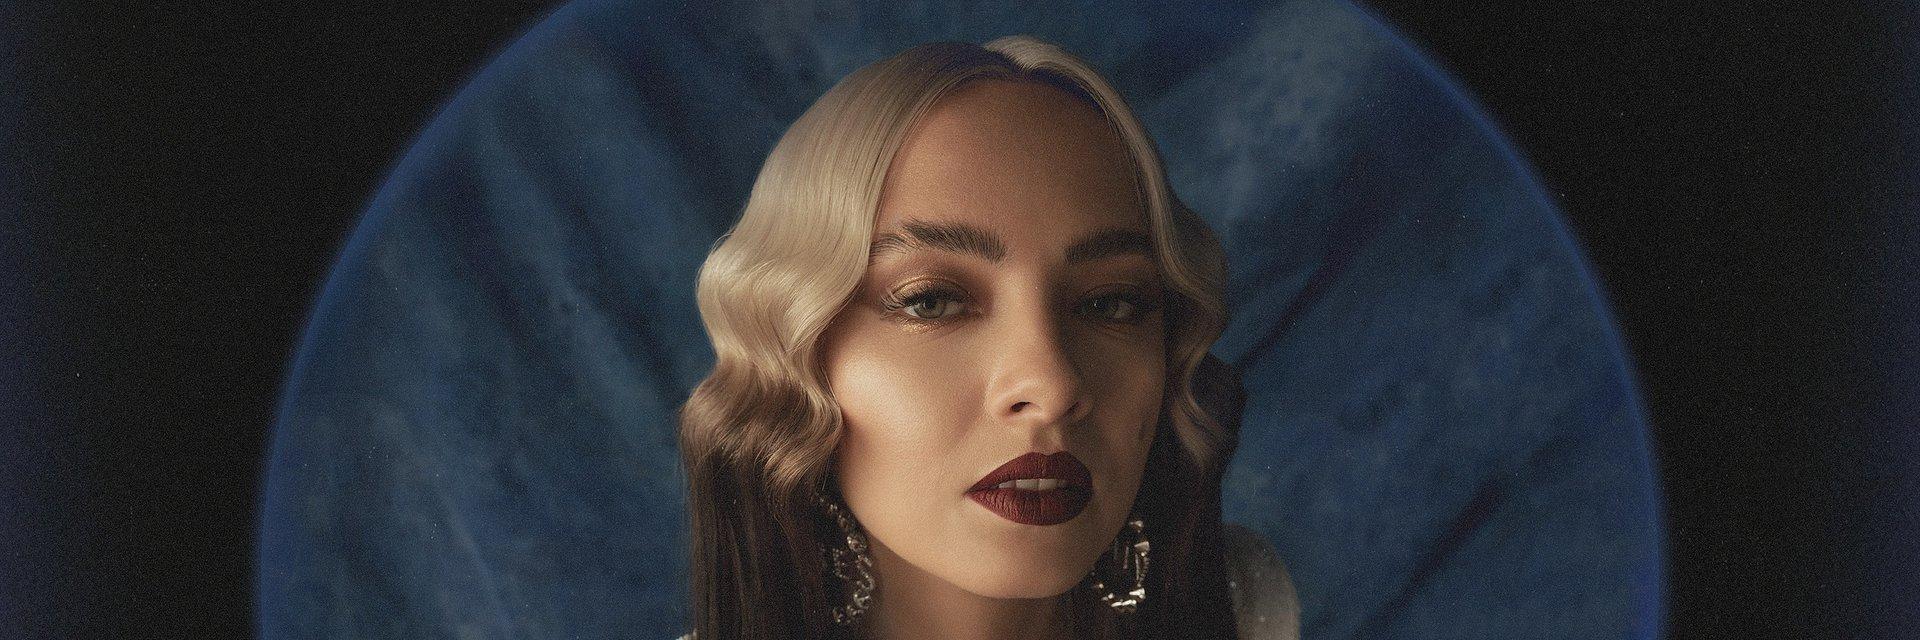 """Natalia Nykiel z nowym singlem """"P.R.I.D.E."""" – piękno, równowaga i dobra energia"""